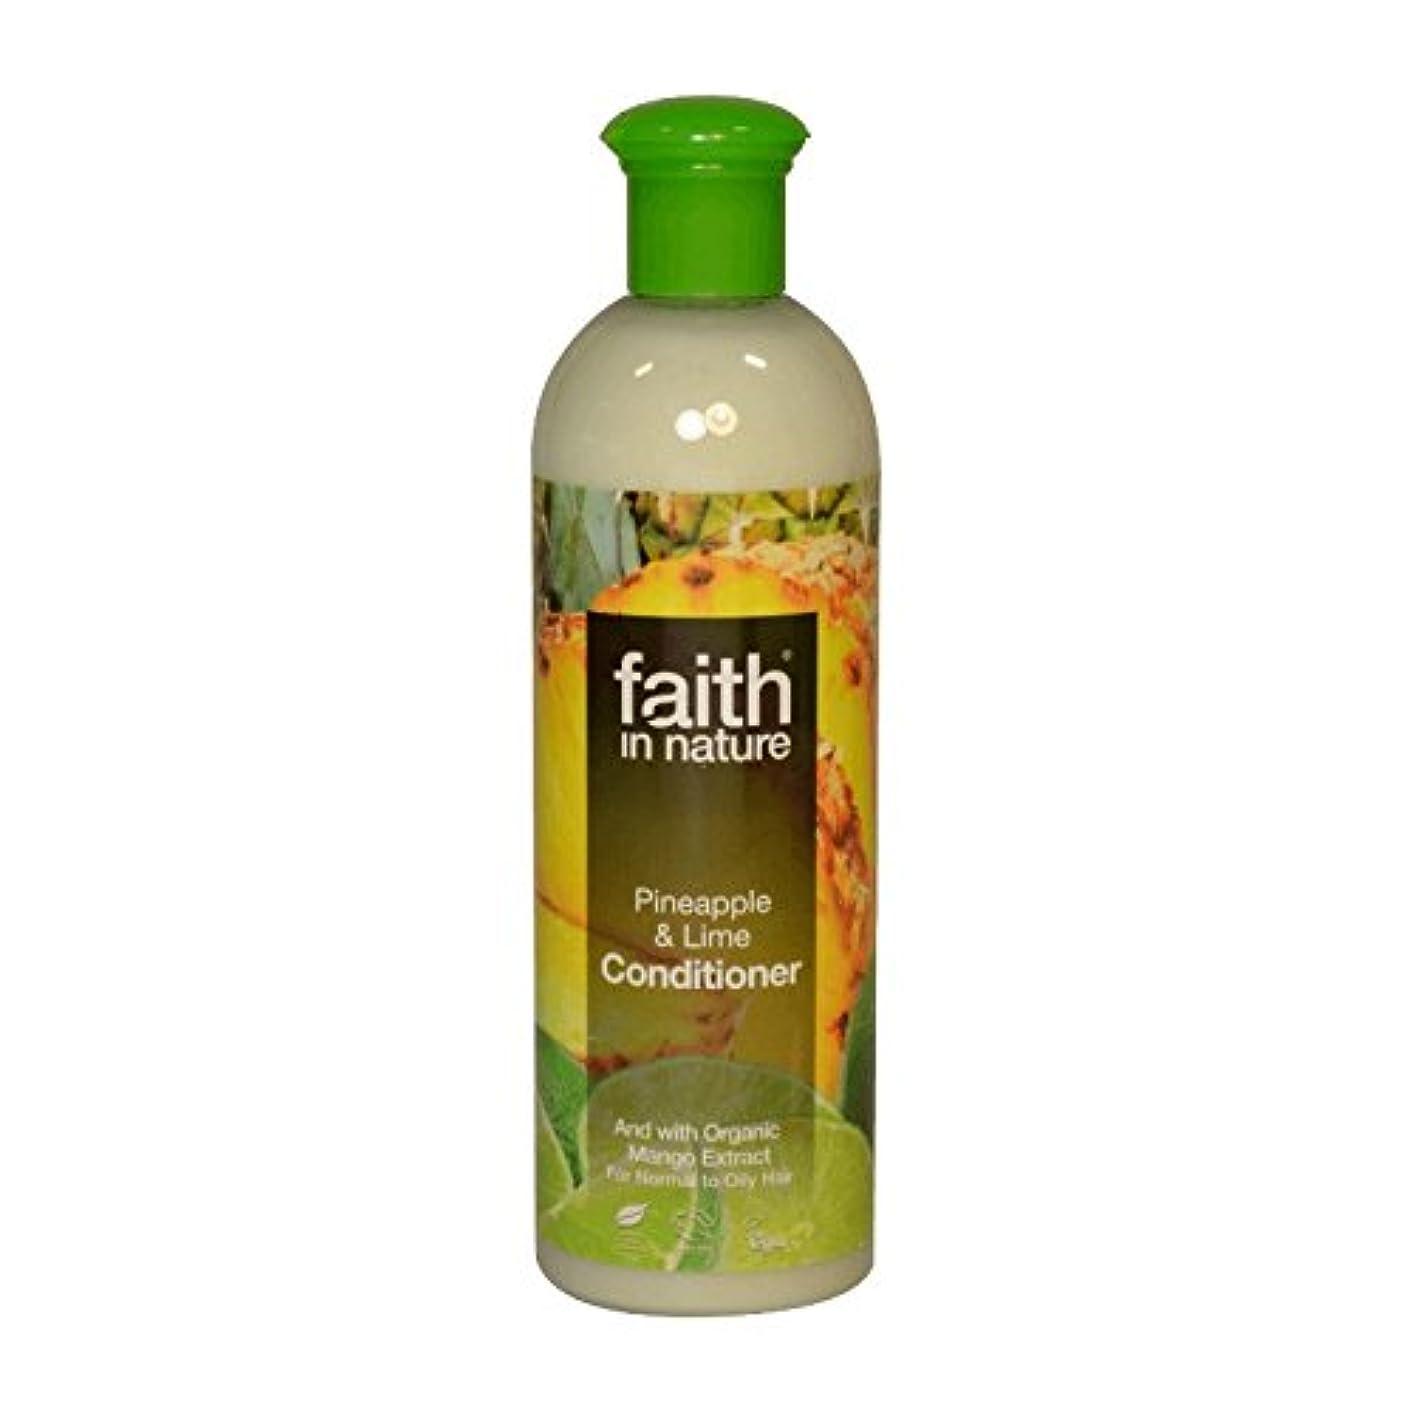 縮れた軽蔑売り手自然パイナップル&ライムコンディショナー400ミリリットルの信仰 - Faith in Nature Pineapple & Lime Conditioner 400ml (Faith in Nature) [並行輸入品]